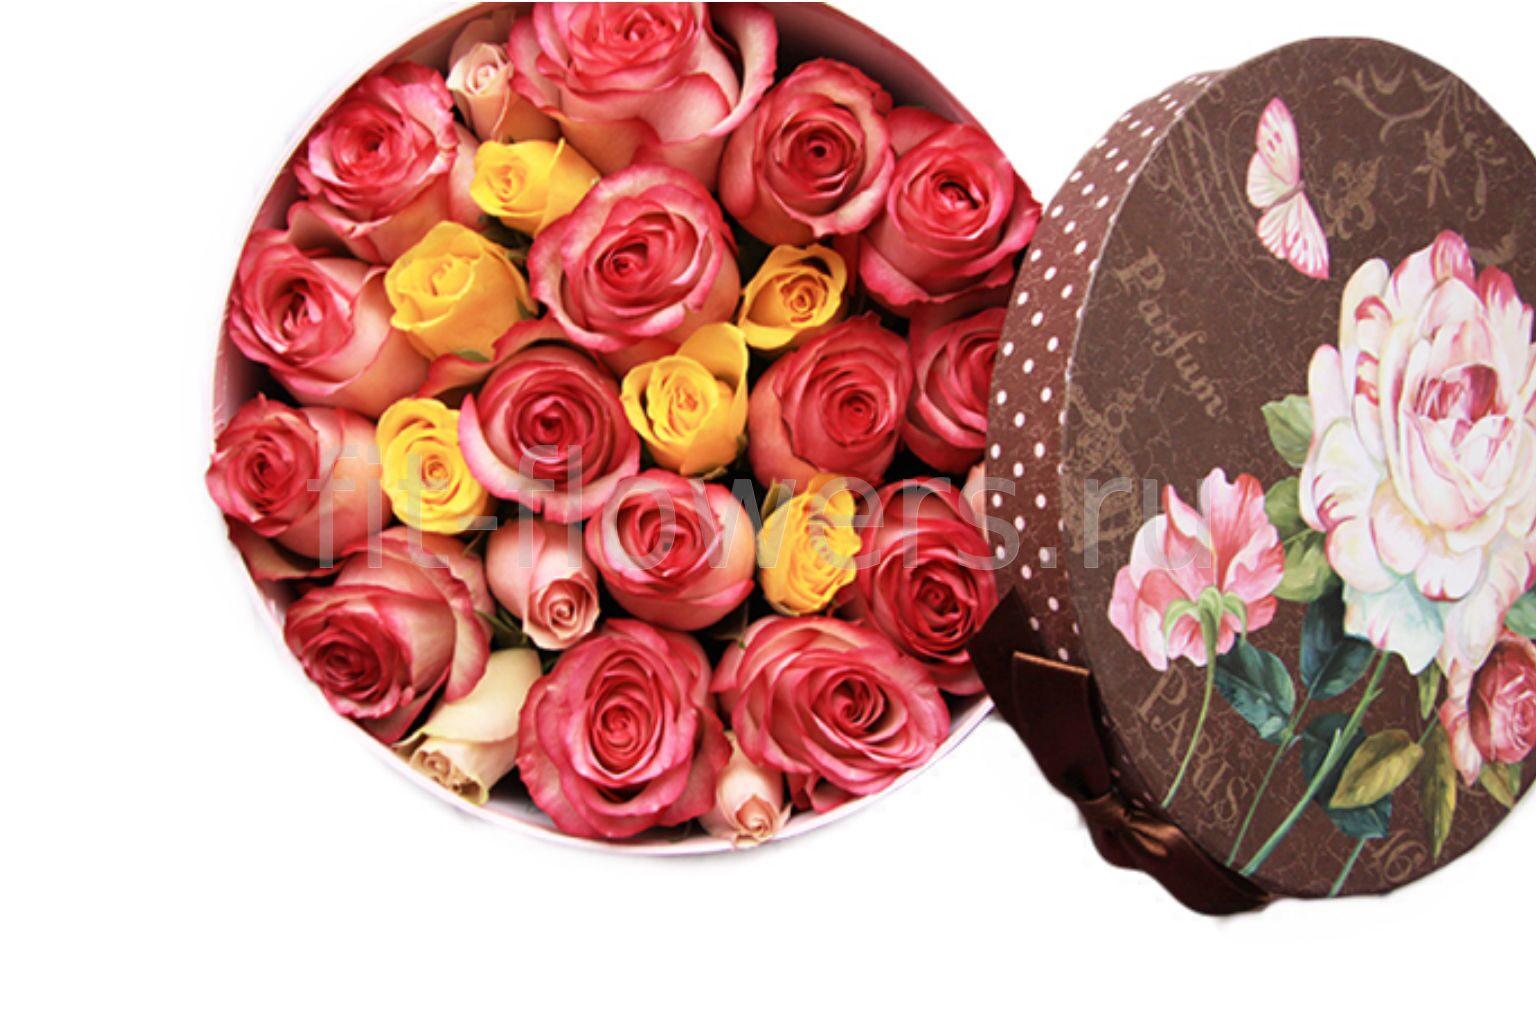 Как сделать живые розы в коробке подарочной самостоятельно